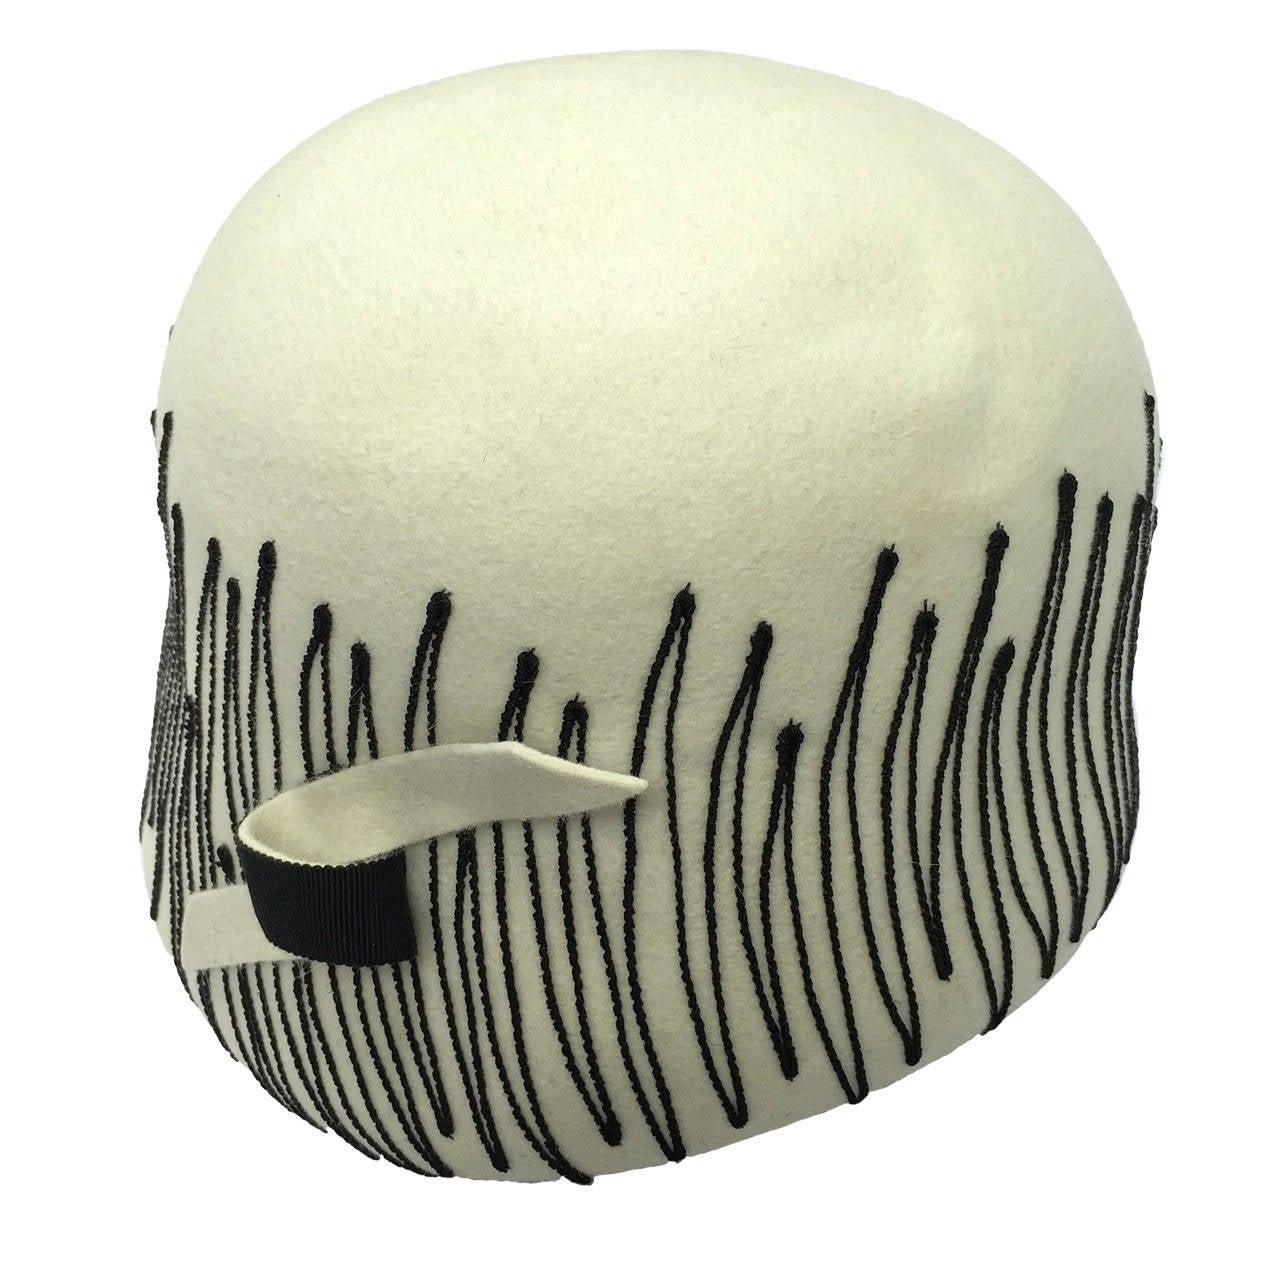 Elsa Schiaparelli Paris 1950s White Wool Felt Hat. 1